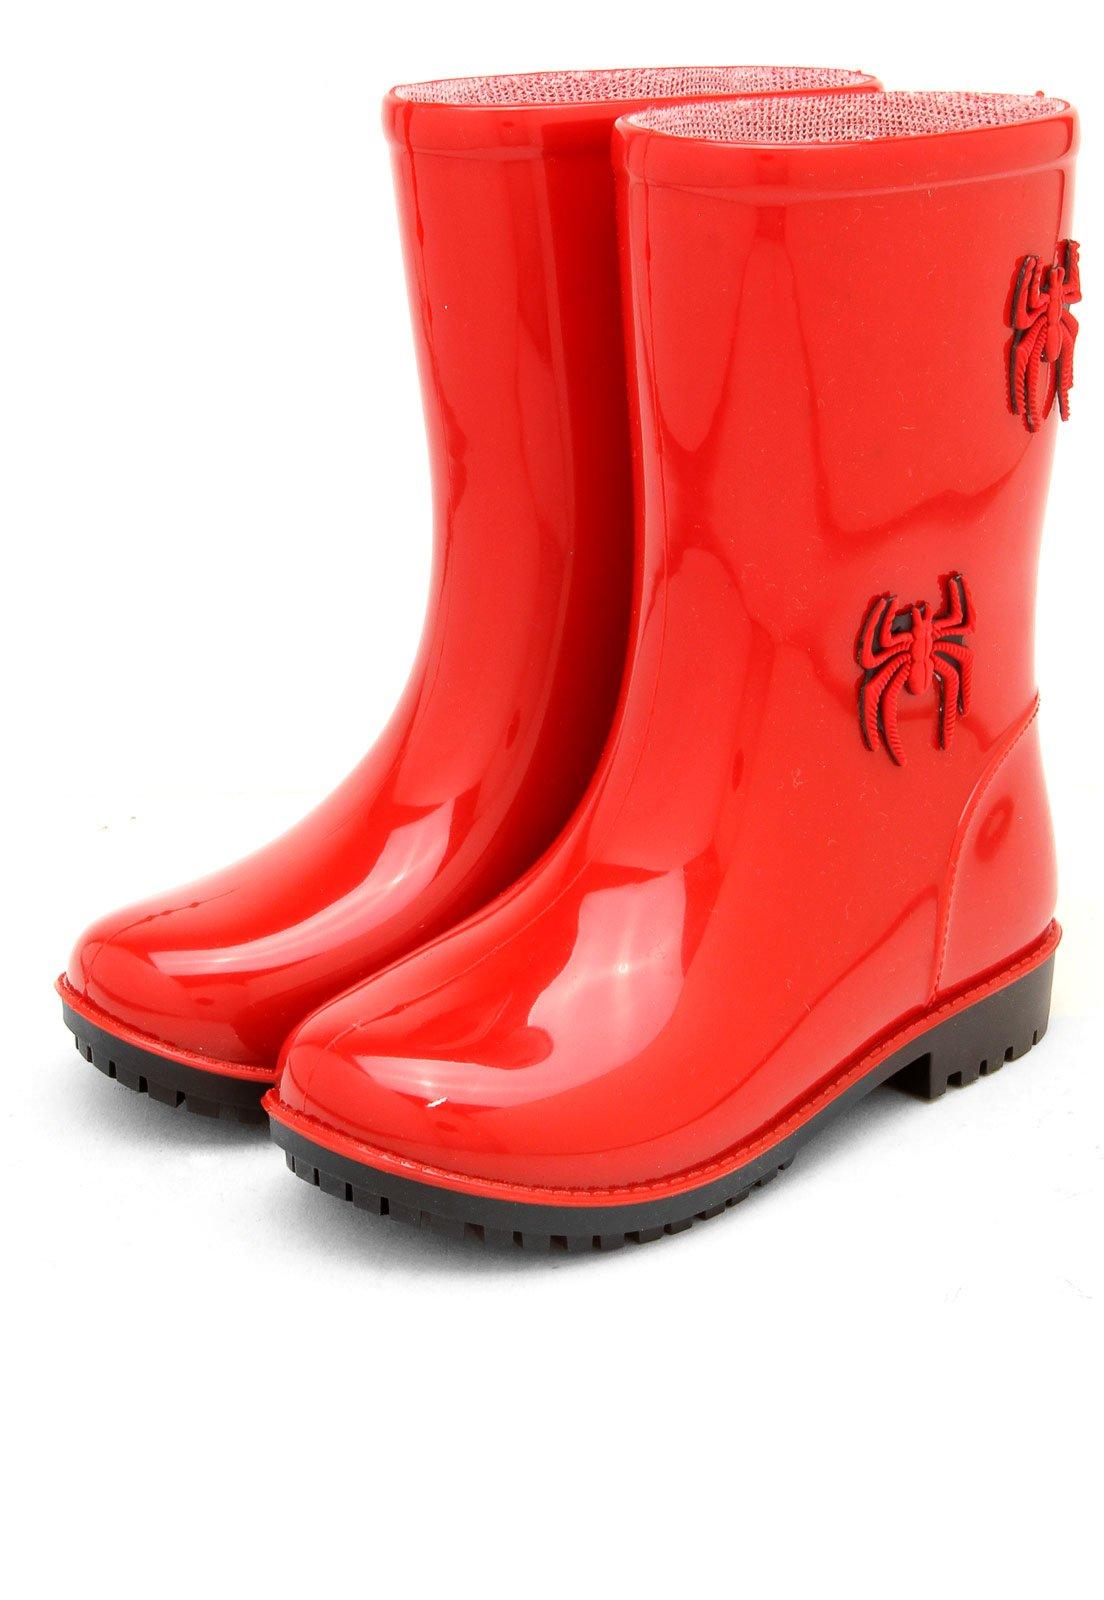 a8451a96a6e Bota Galocha World Colors Infantil Tom Vermelha - Compre Agora ...